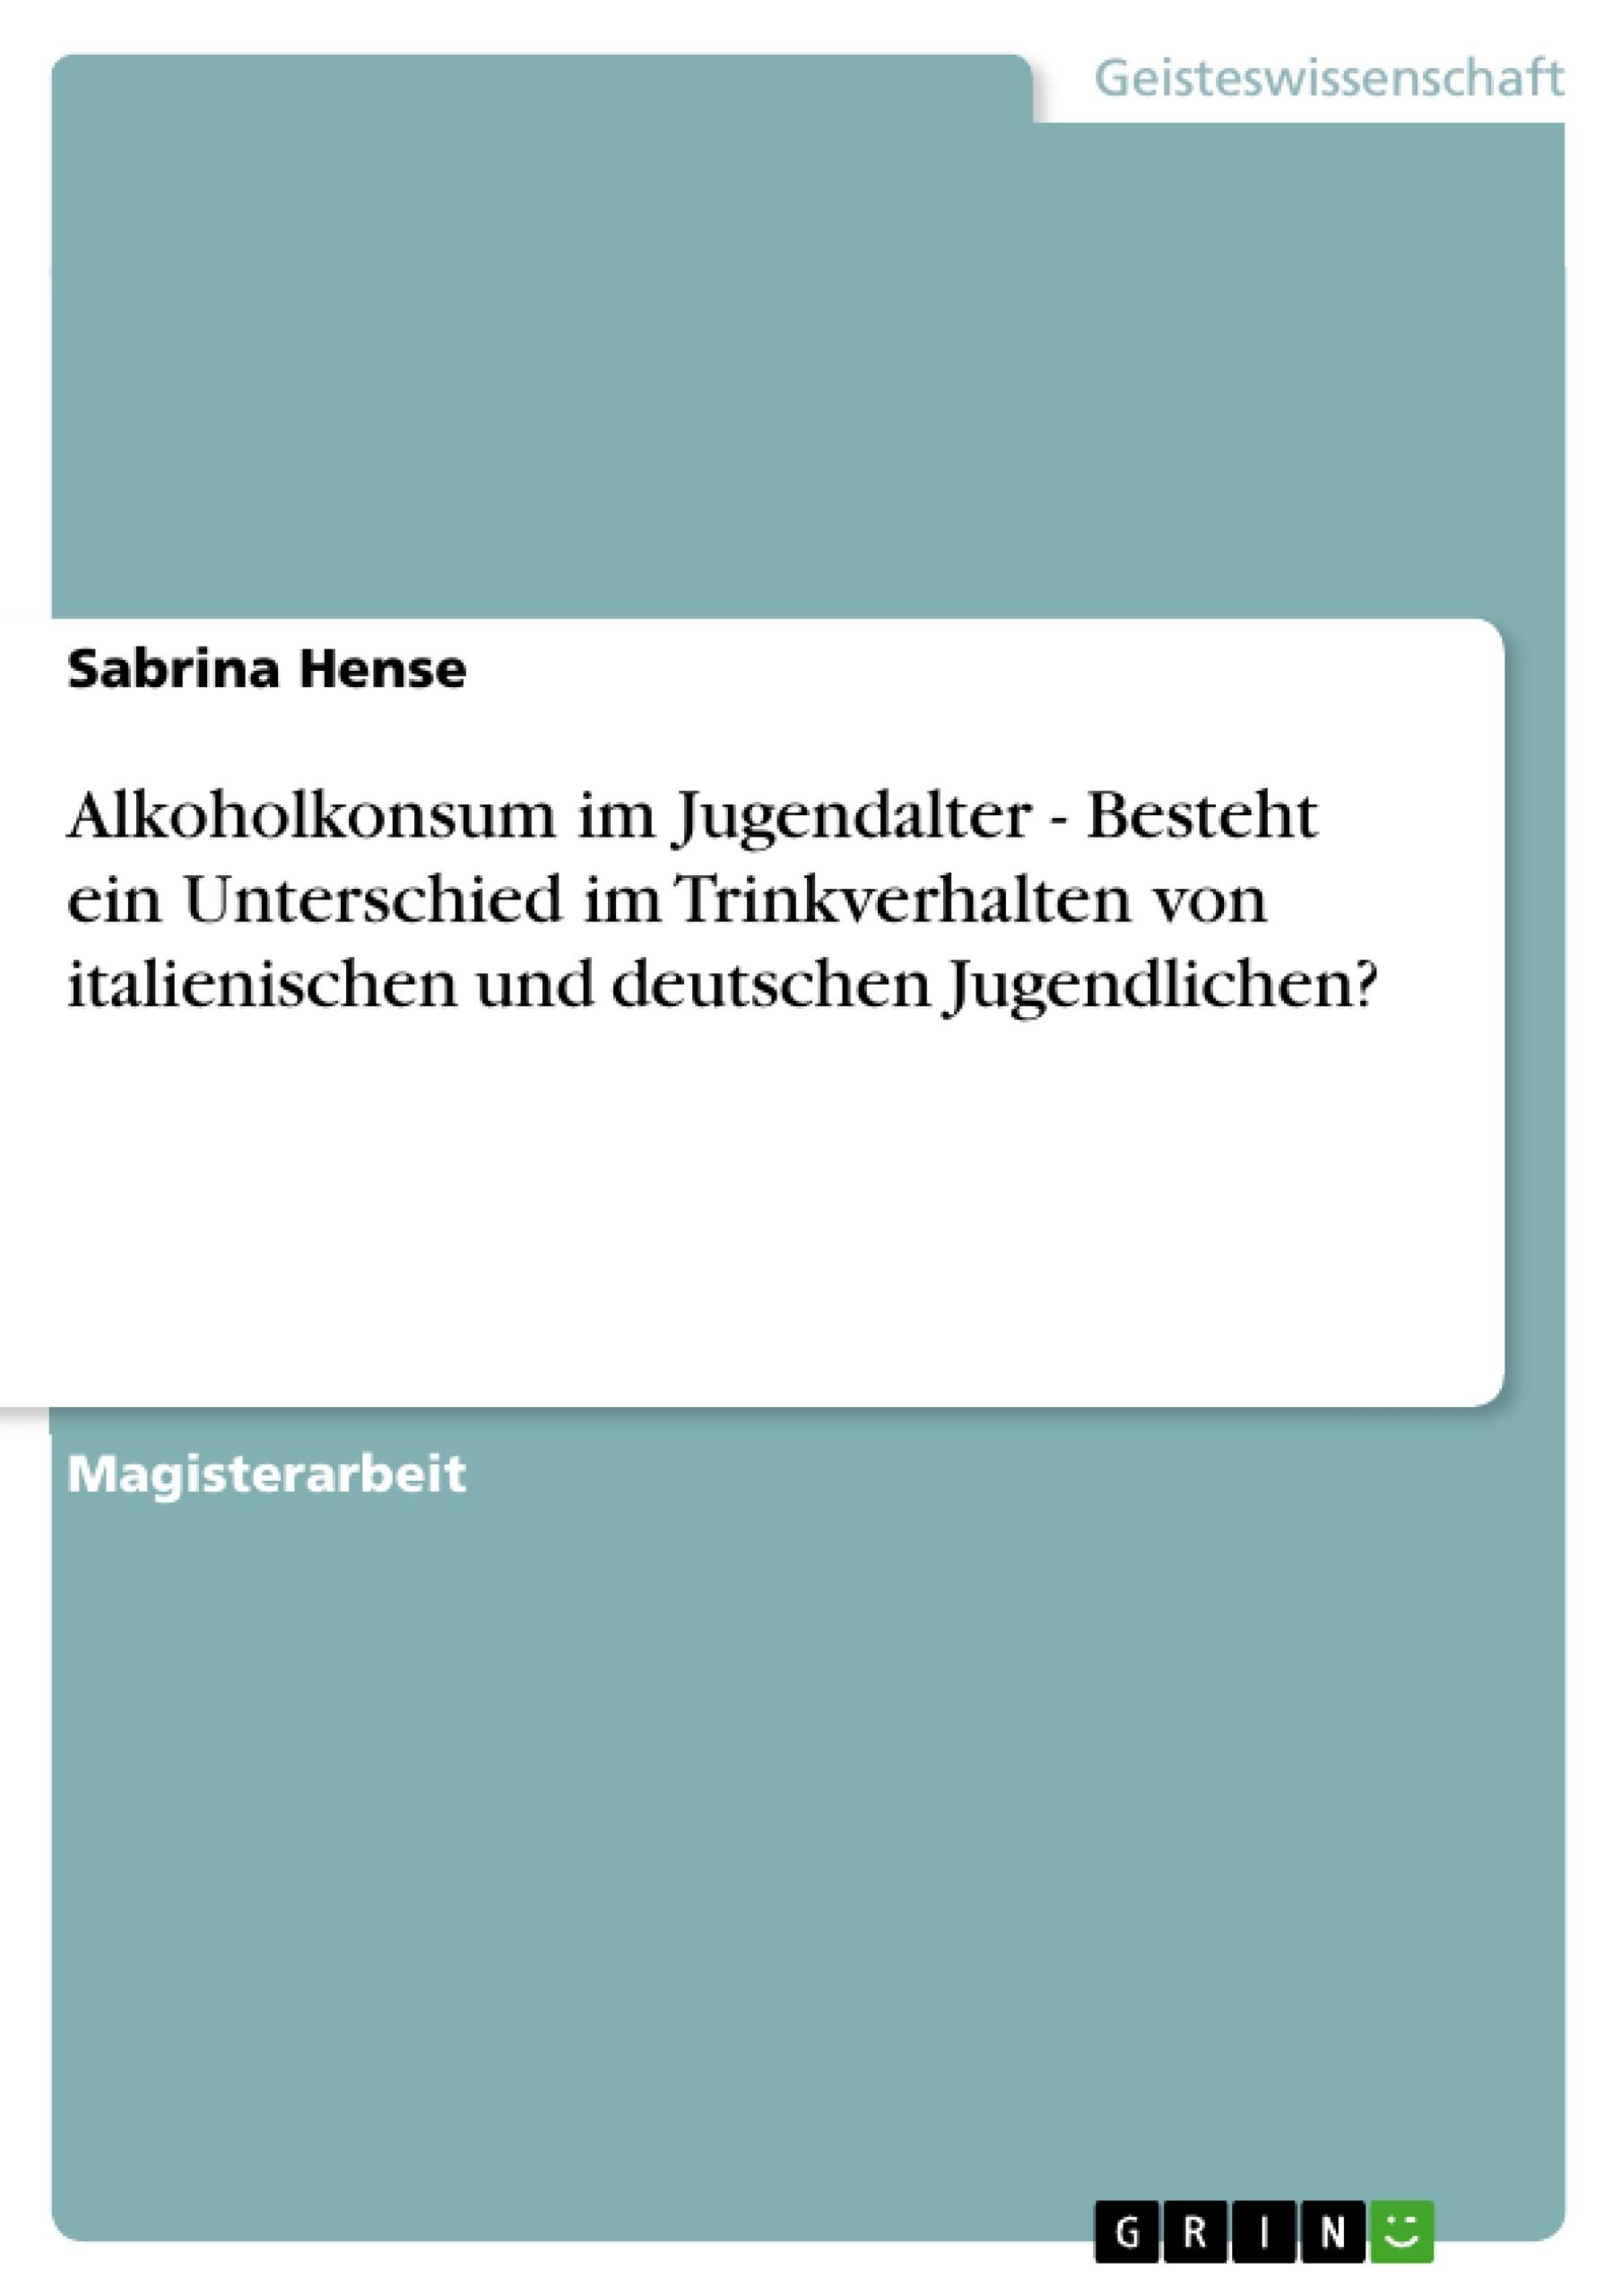 Titel: Alkoholkonsum im Jugendalter - Besteht ein Unterschied im Trinkverhalten von italienischen und deutschen Jugendlichen?